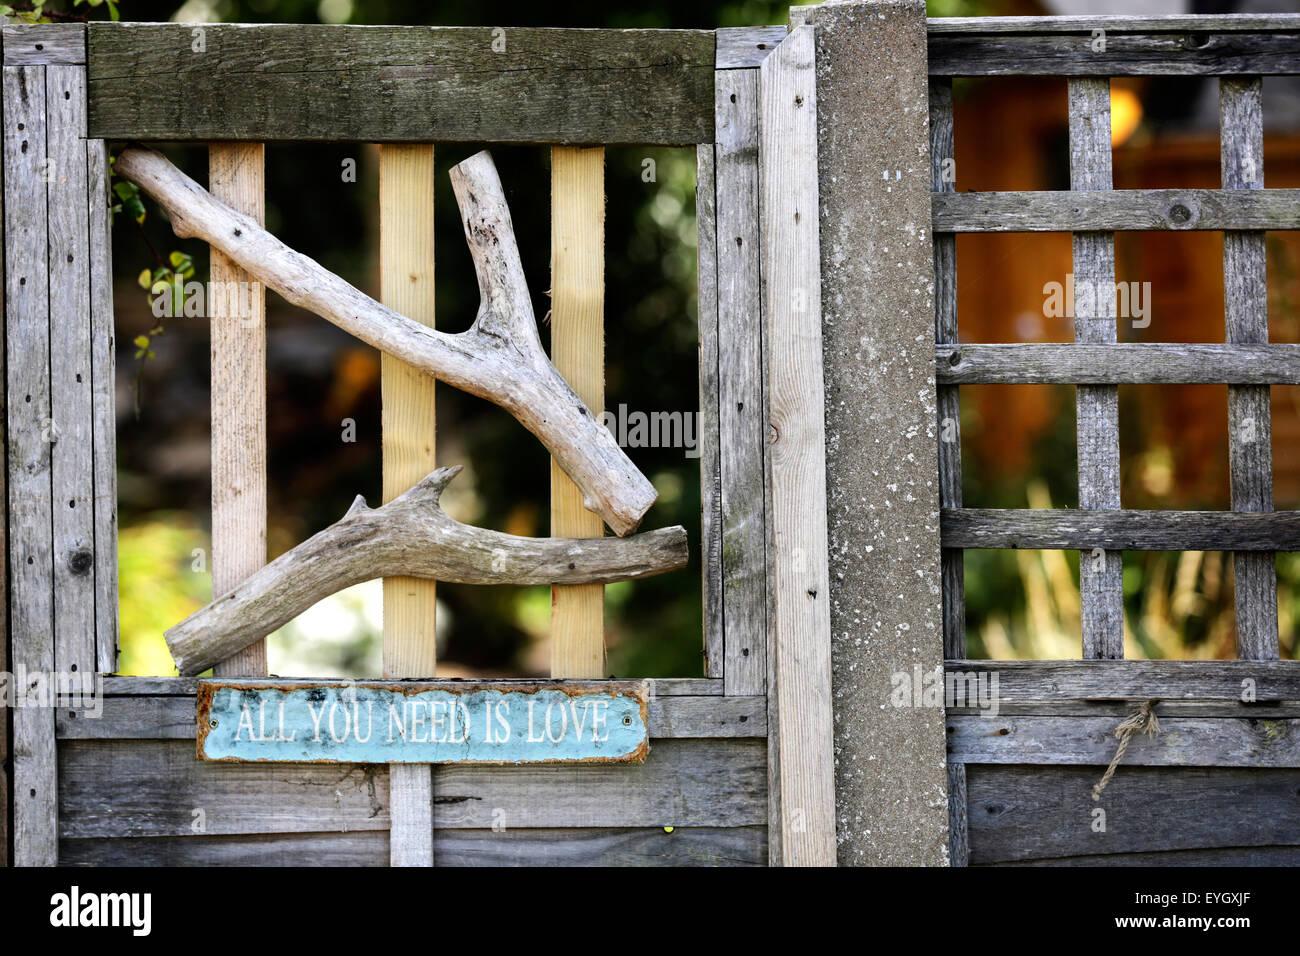 Un vieux signe sur une barrière en bois qui se lit 'All you need is love' Banque D'Images